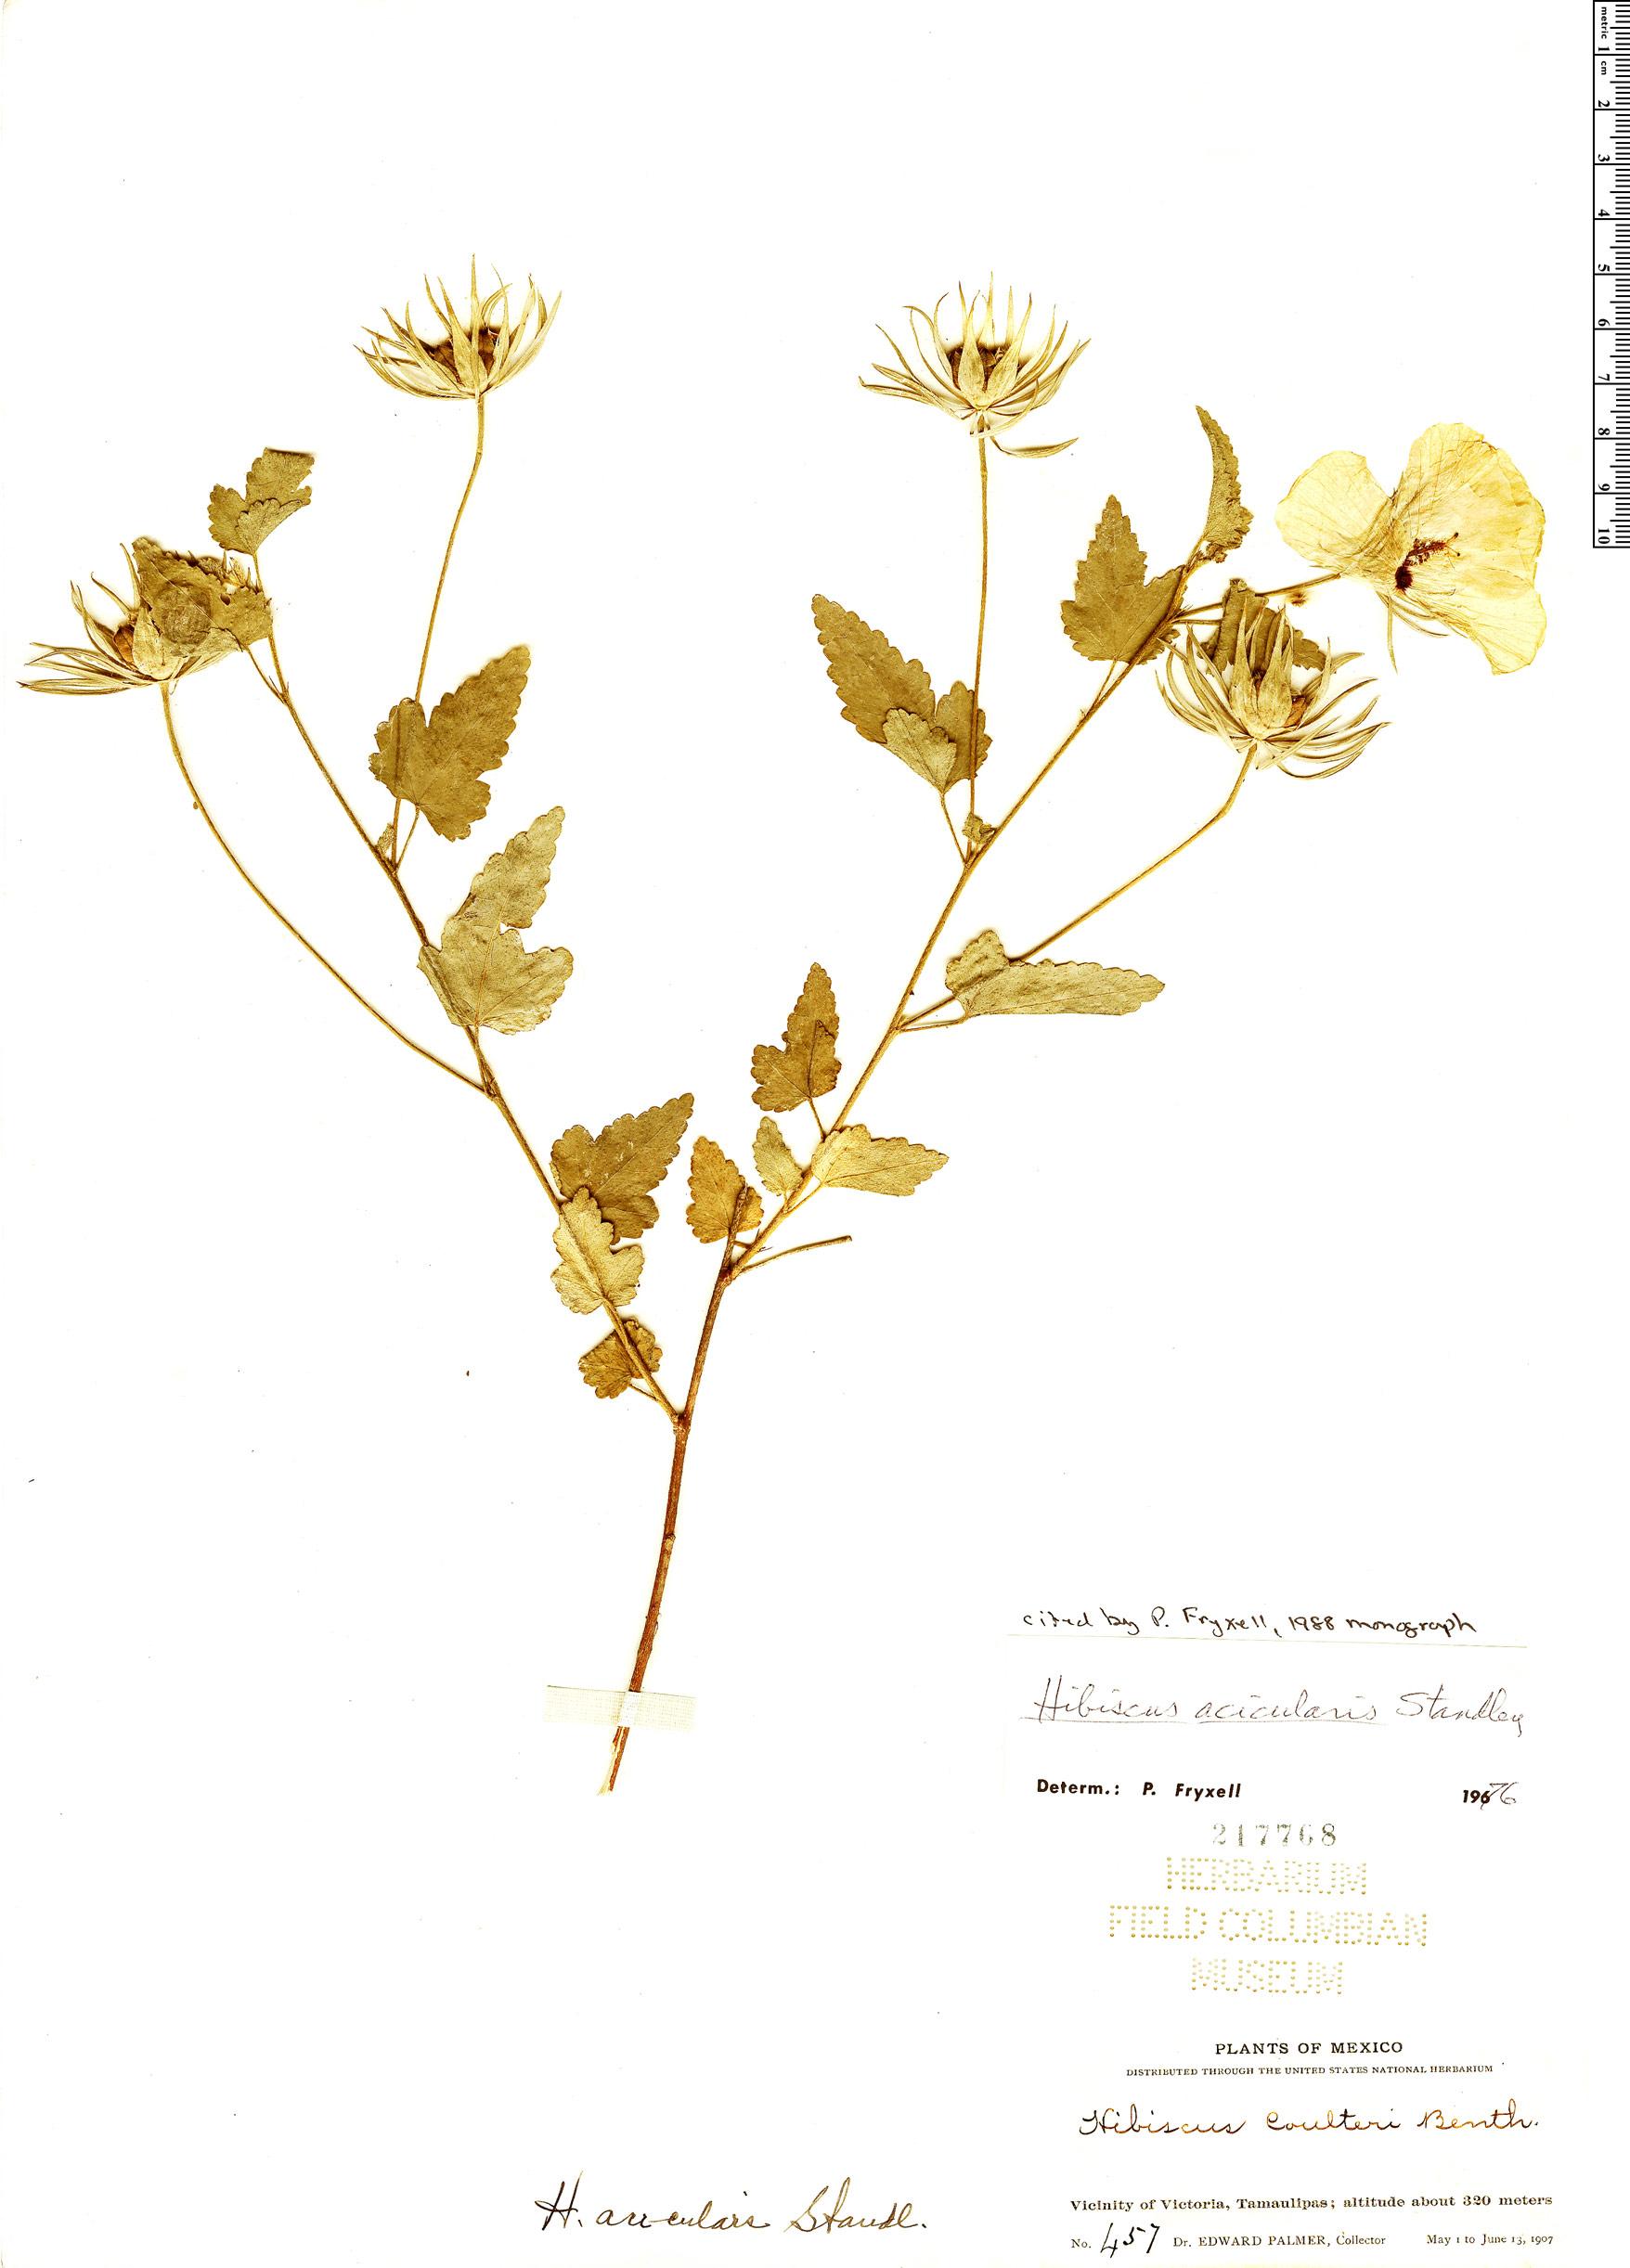 Specimen: Hibiscus acicularis